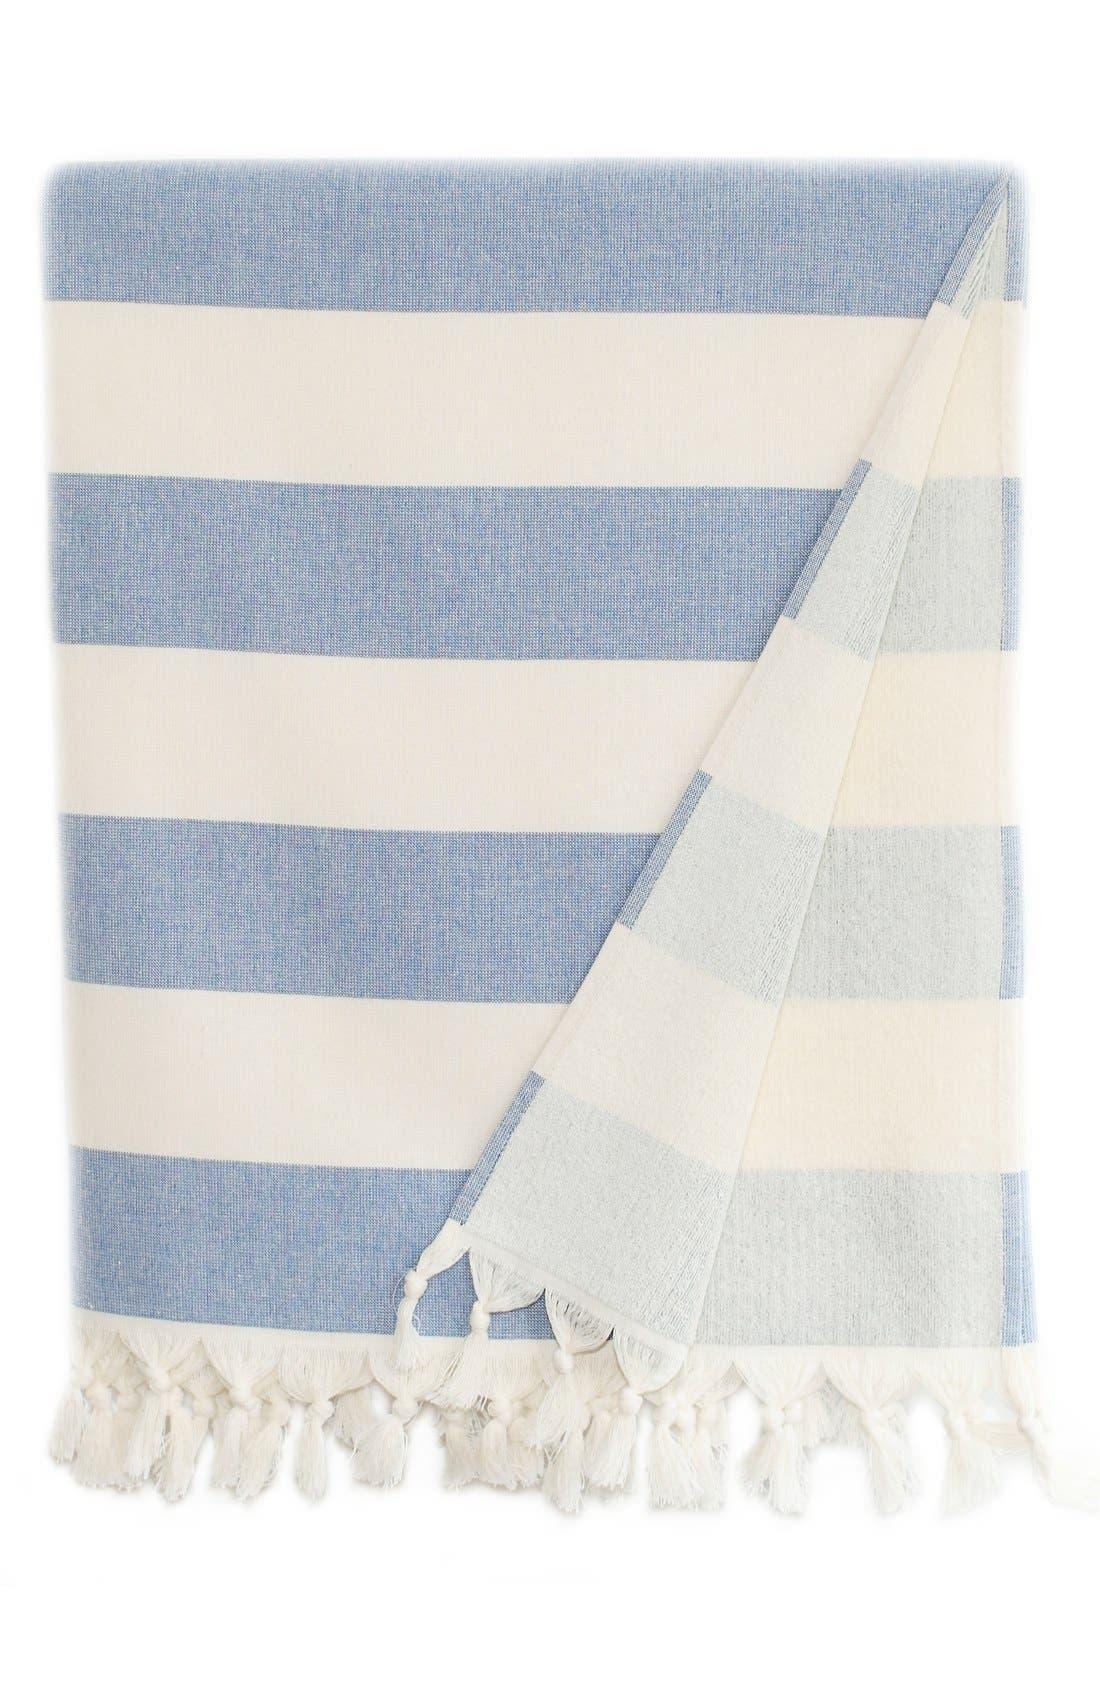 Linum Home Textiles 'Patara' Turkish Pestemal Towel